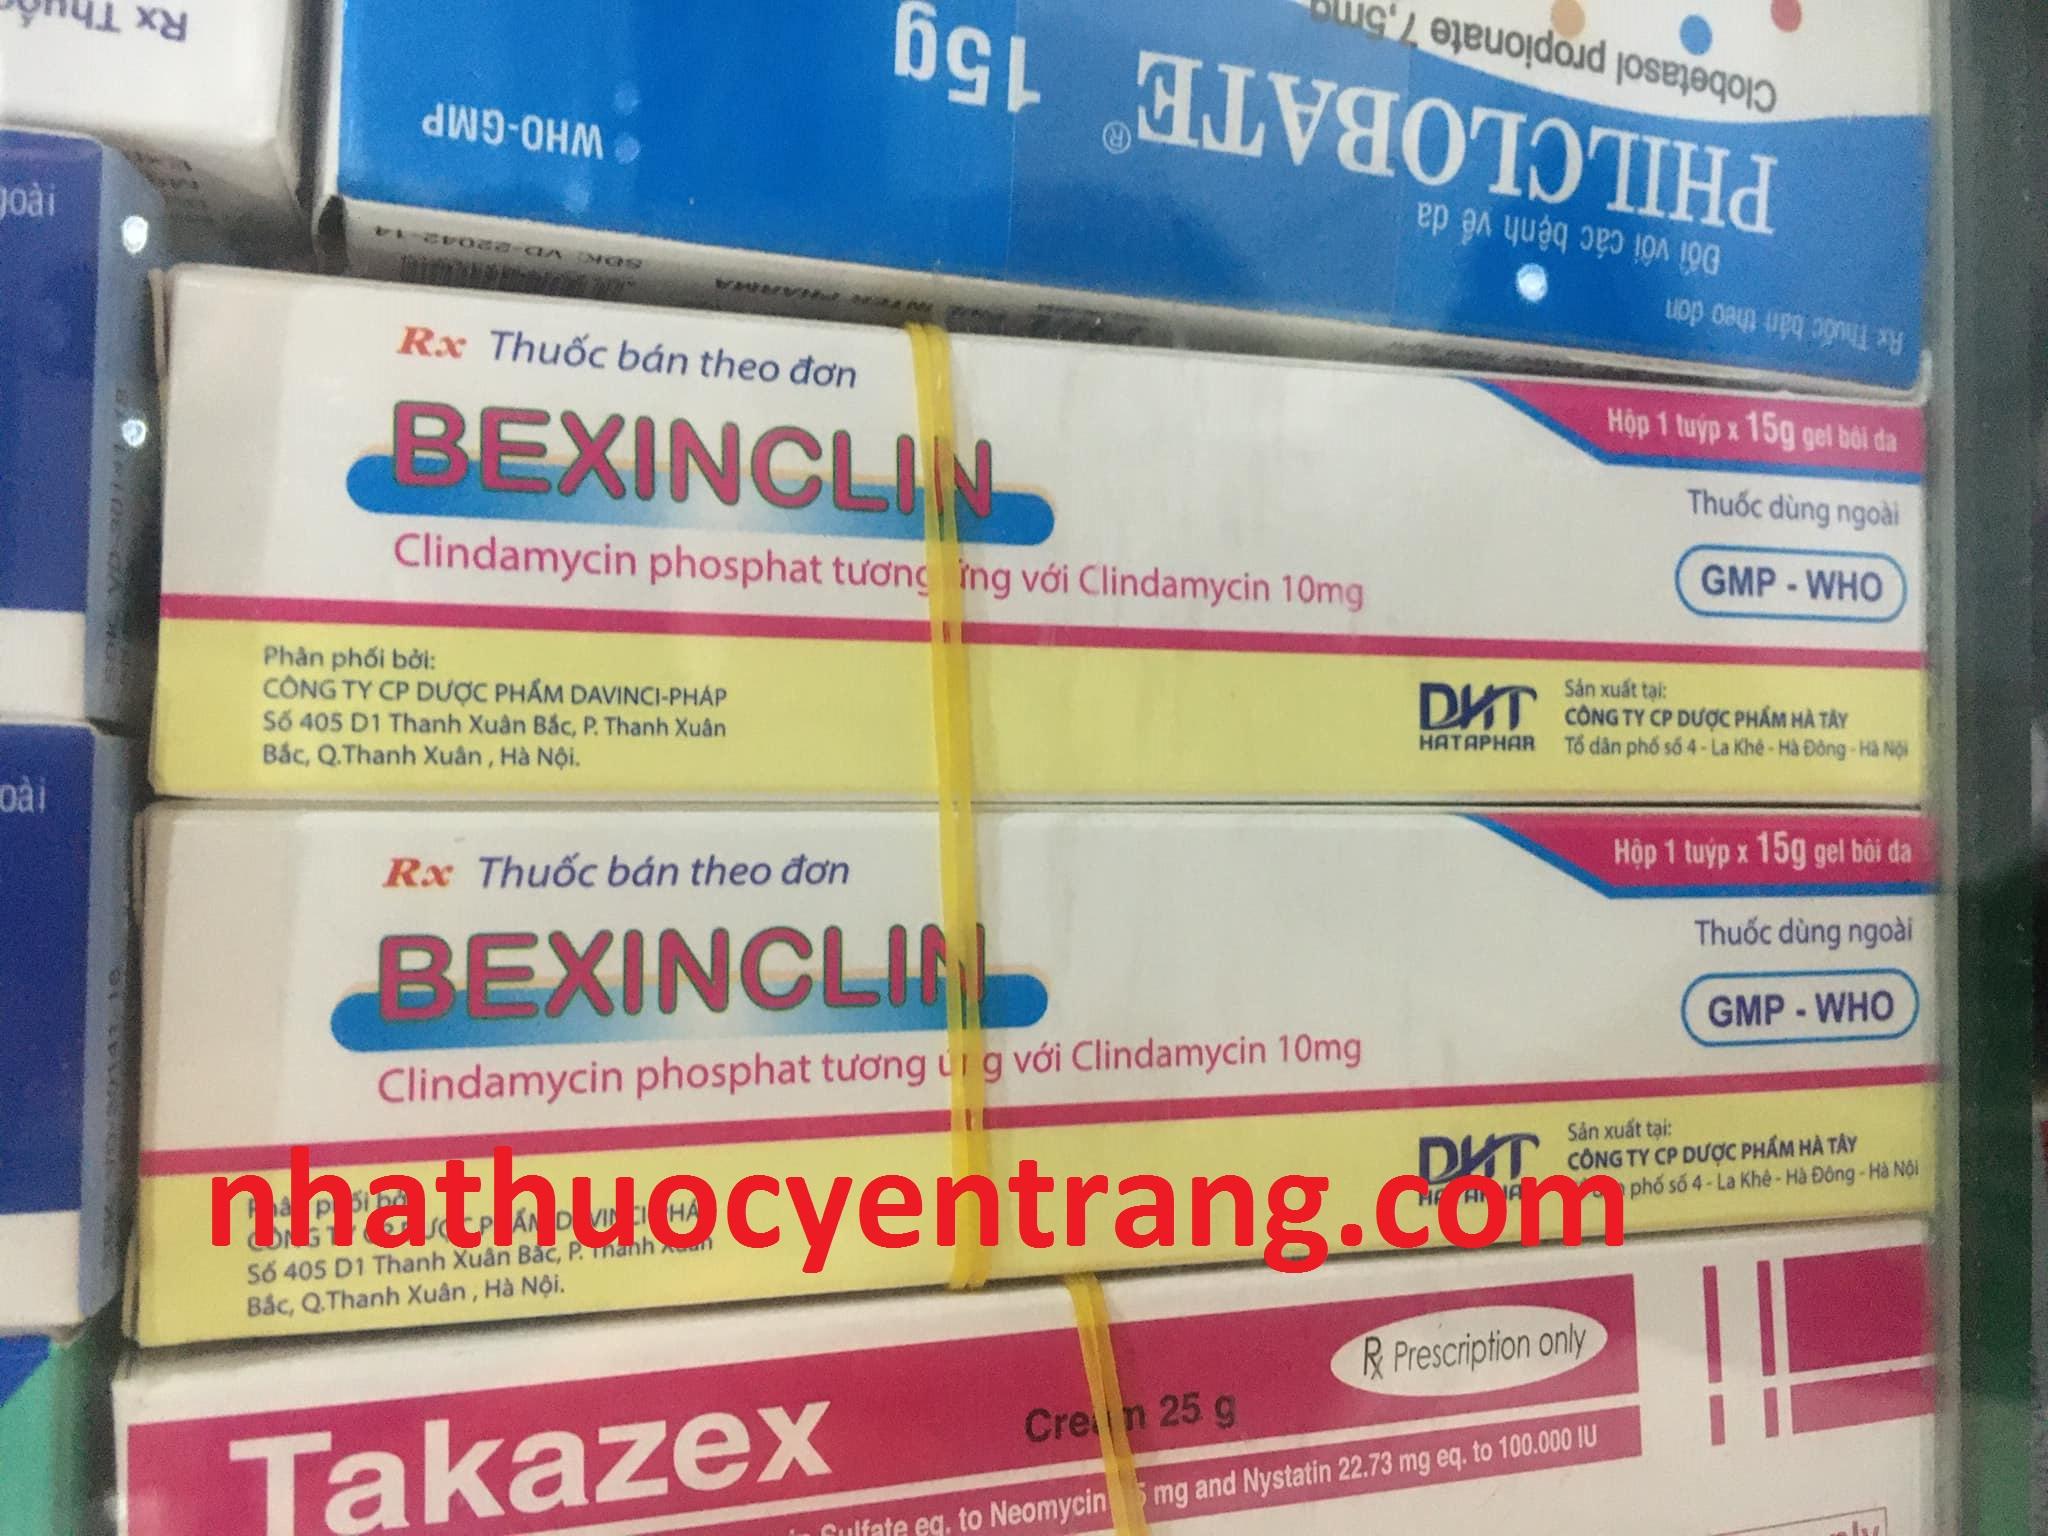 Bexinclin